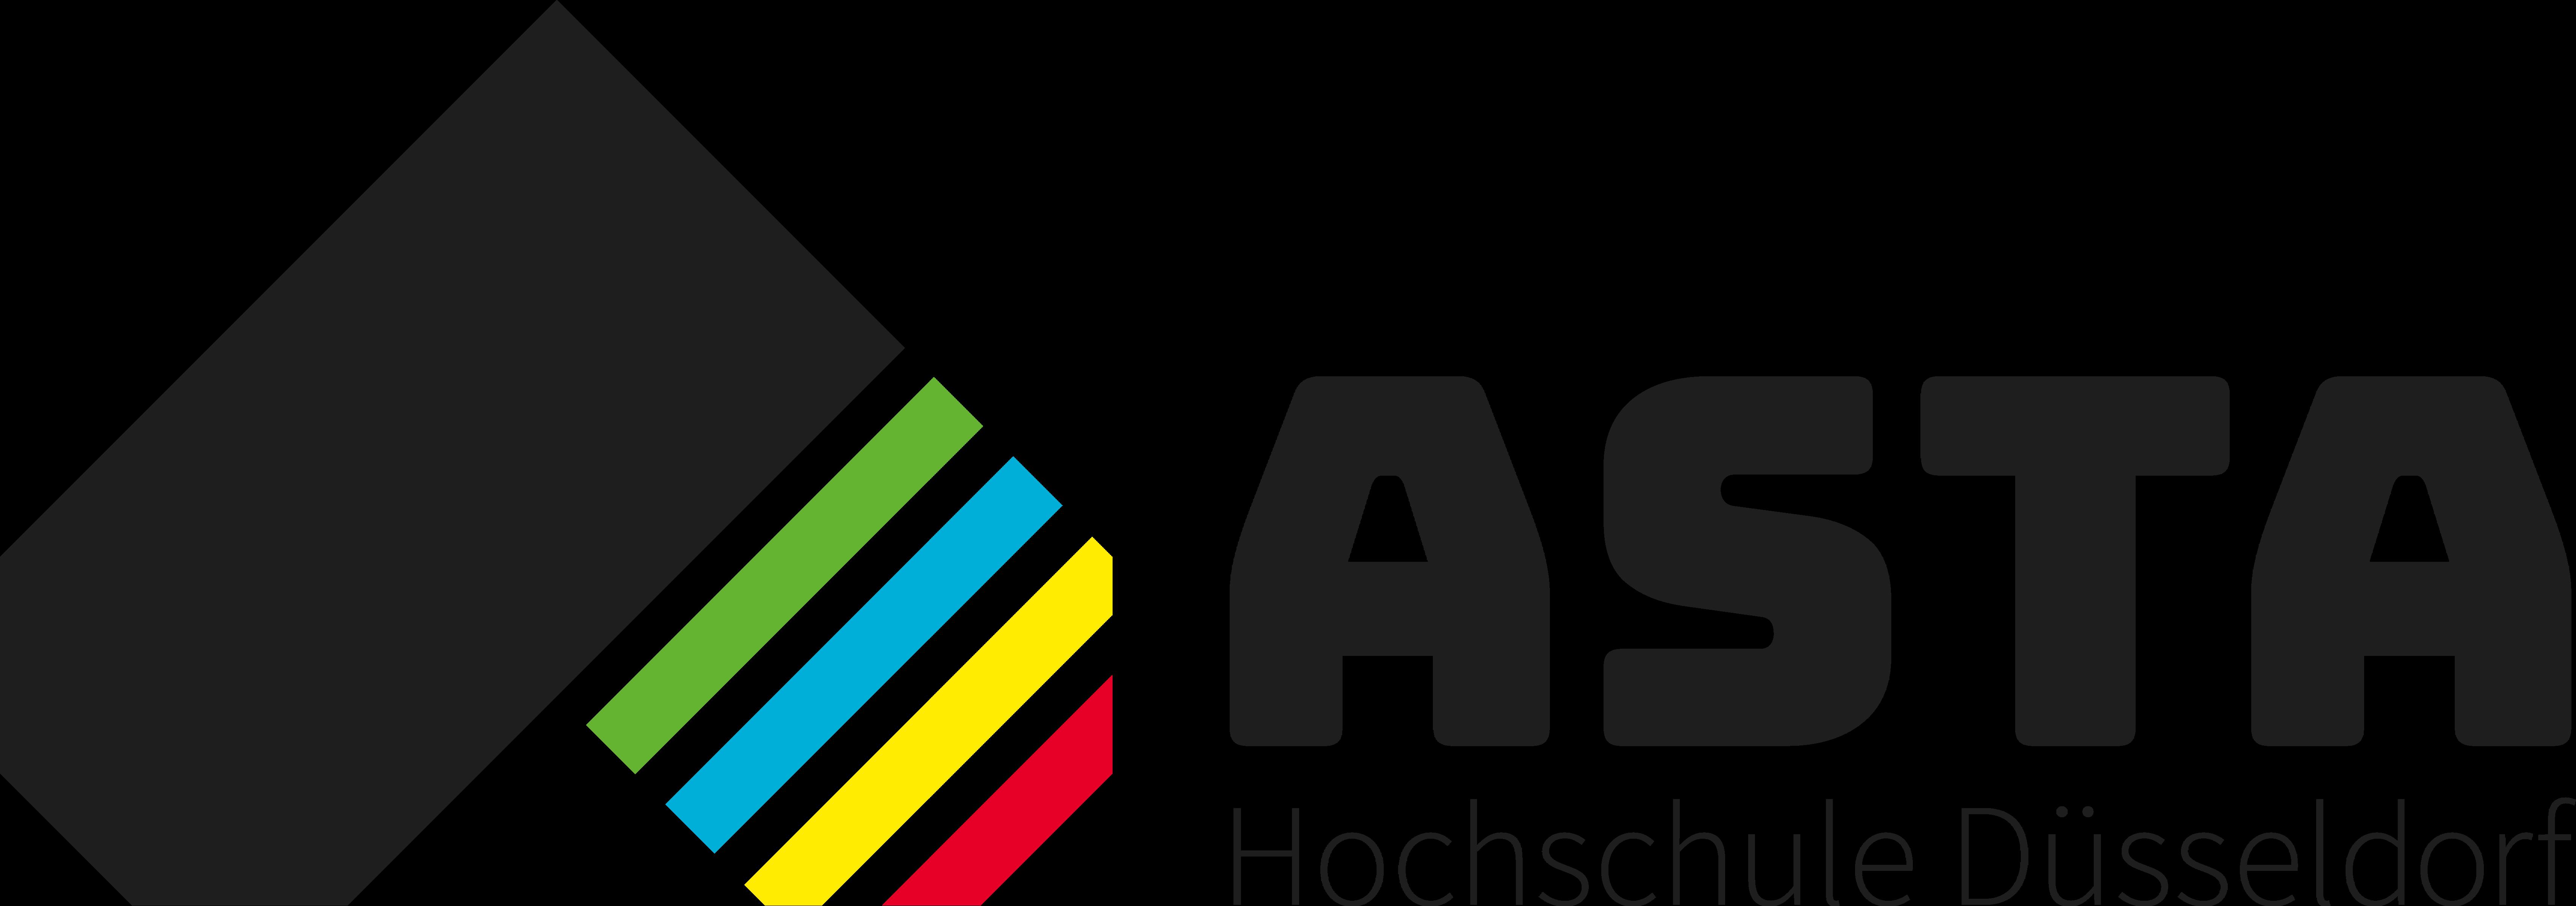 AStA Hochschule Düsseldorf